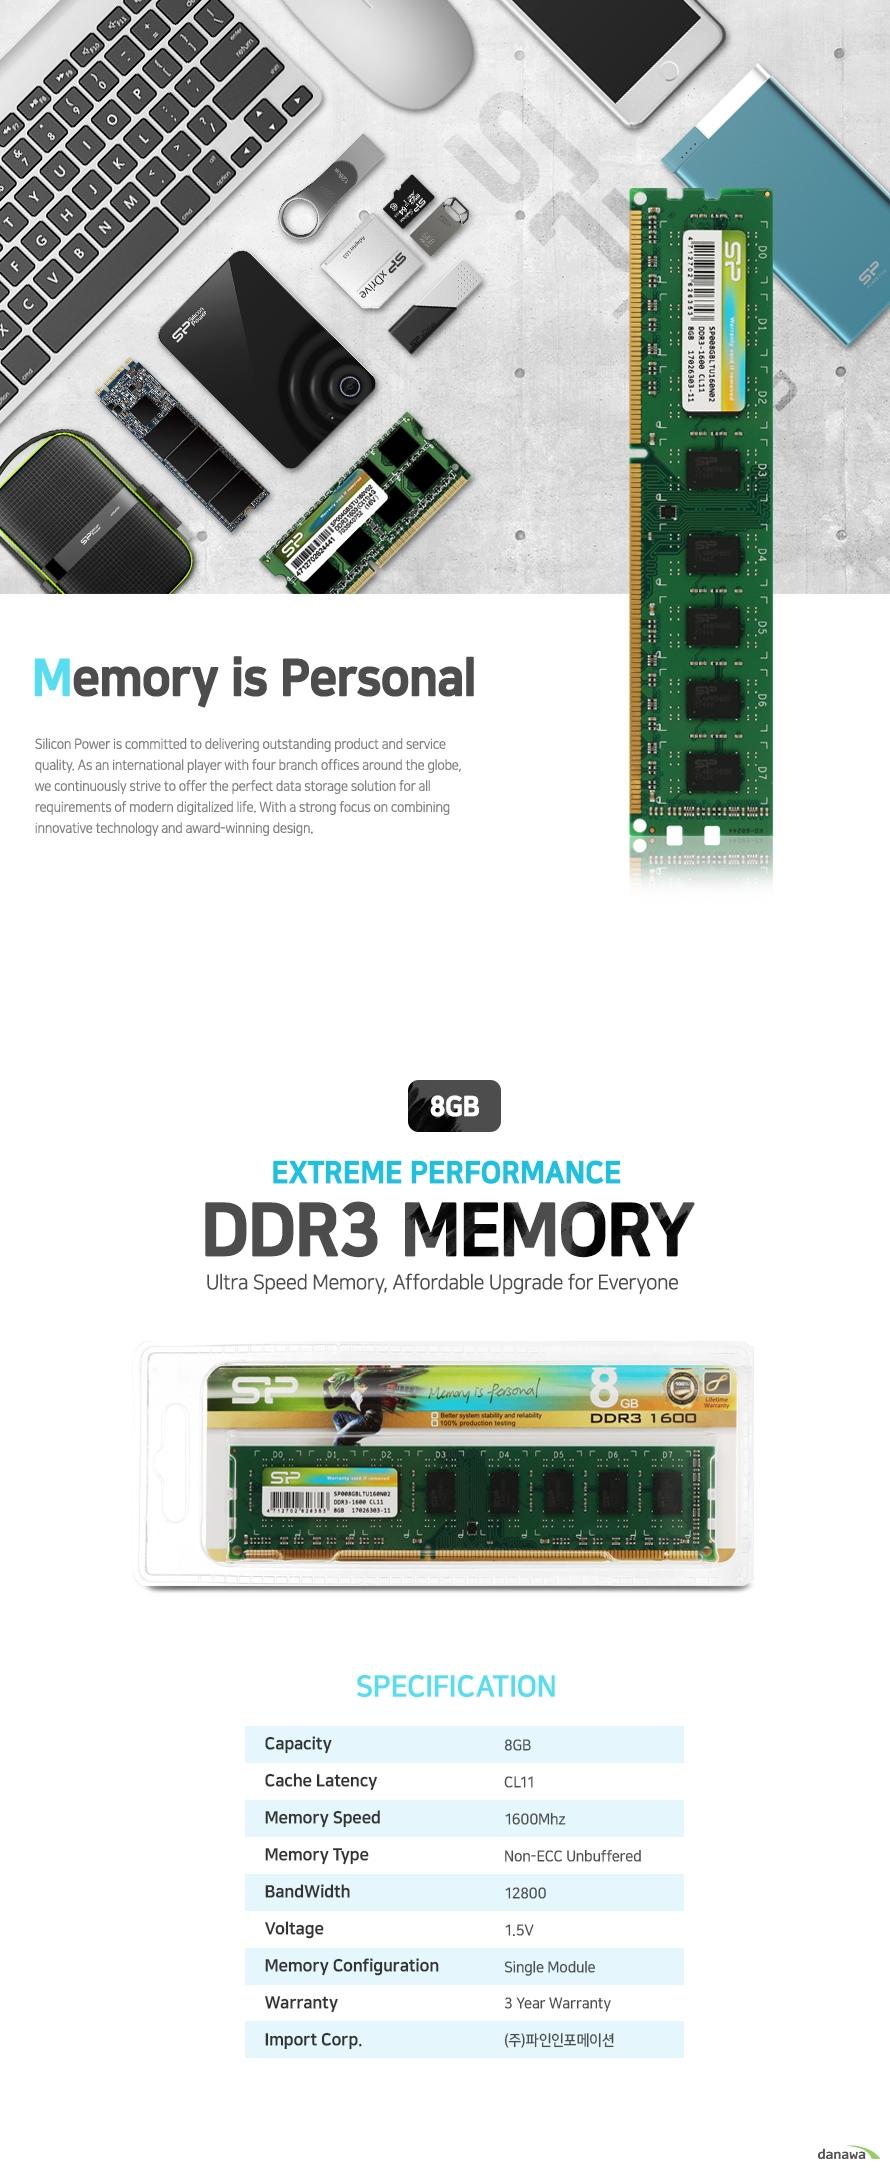 실리콘 파워 DDR3 메모리 8기가바이트        제품 상세정보        CAPACITY 8기가바이트    CACHE LATENCY CL11    MEMORY SPEED 1600메가 헤르츠    MEMORY TYPE 논 ECC 언버퍼드 메모리    BANDWIDTH 12800    VOLTAGE 1.5볼트    MEMORY CONFIGURATION 싱글 모듈    WARRANTY 3년 보증    IMPORT CORP. 주 파인인포메이션